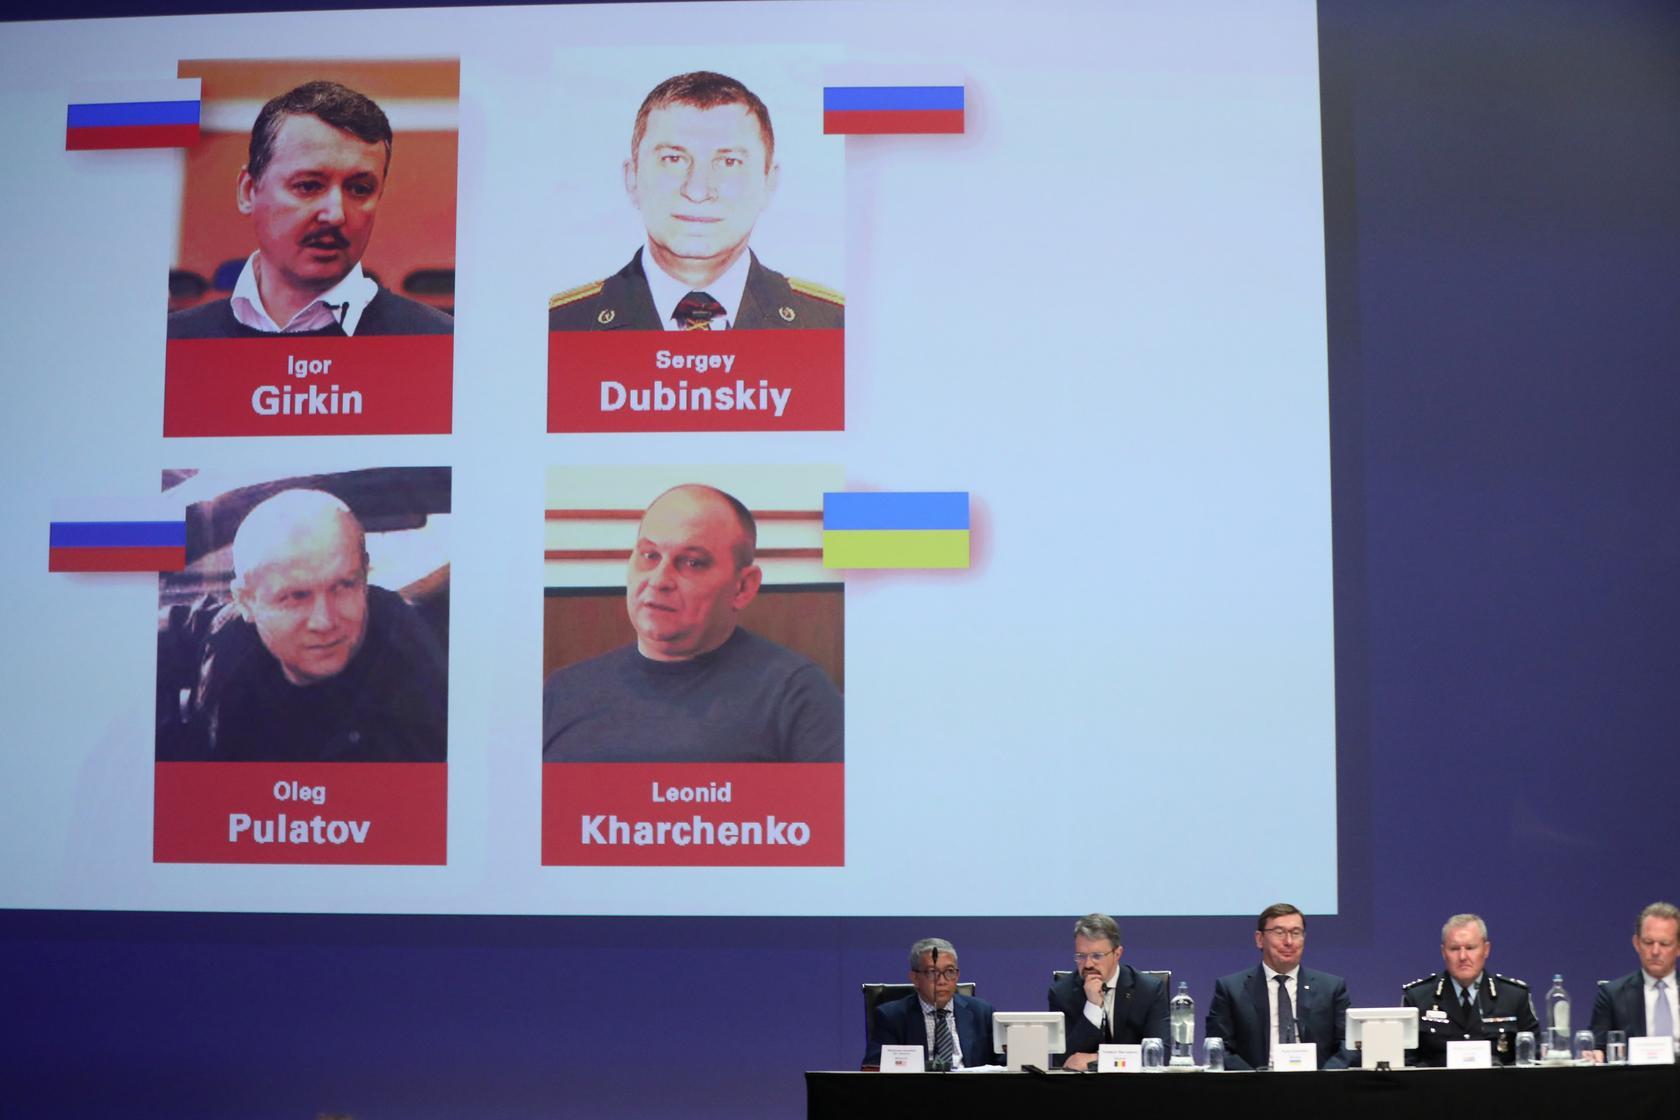 3 ชาวรัสเซีย 1 ชาวยูเครน ตกเป็นผู้ต้องหาคดีสอยเที่ยวบิน MH17